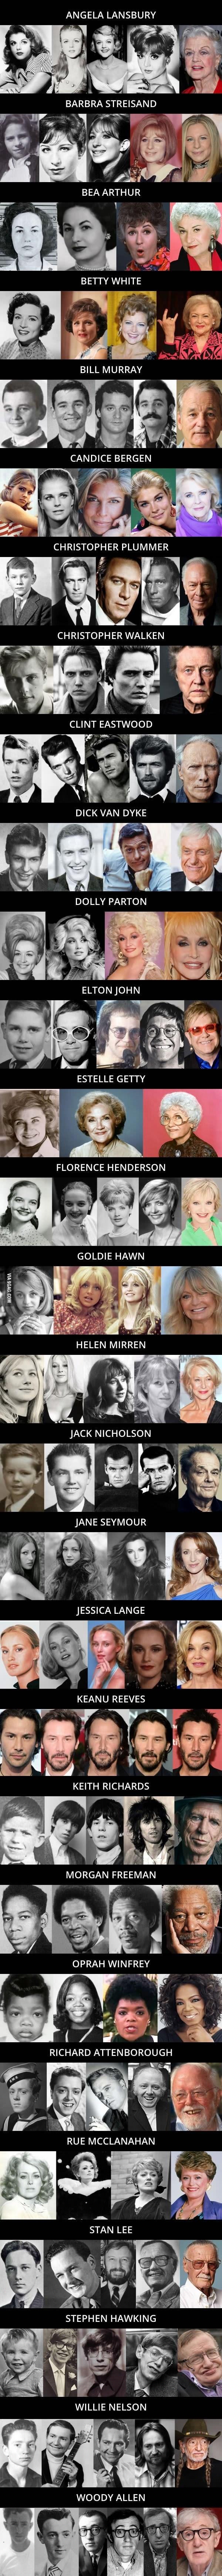 lista de fotos de gente famosa y su paso por el tiempo